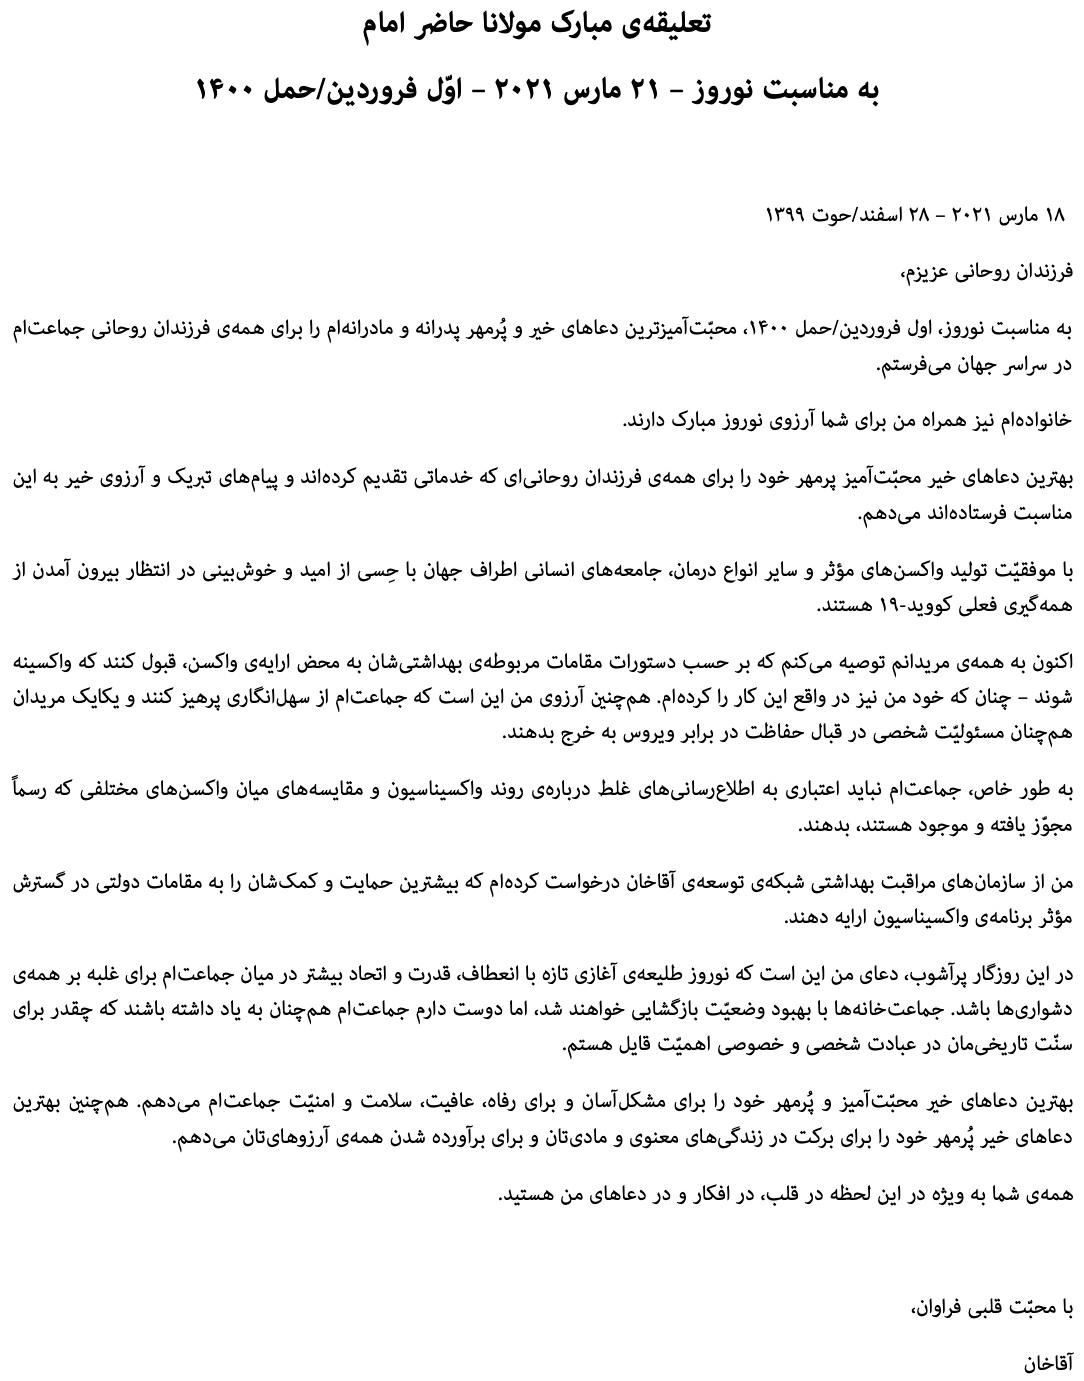 Aga Khan Message to Ismailis in Farsi